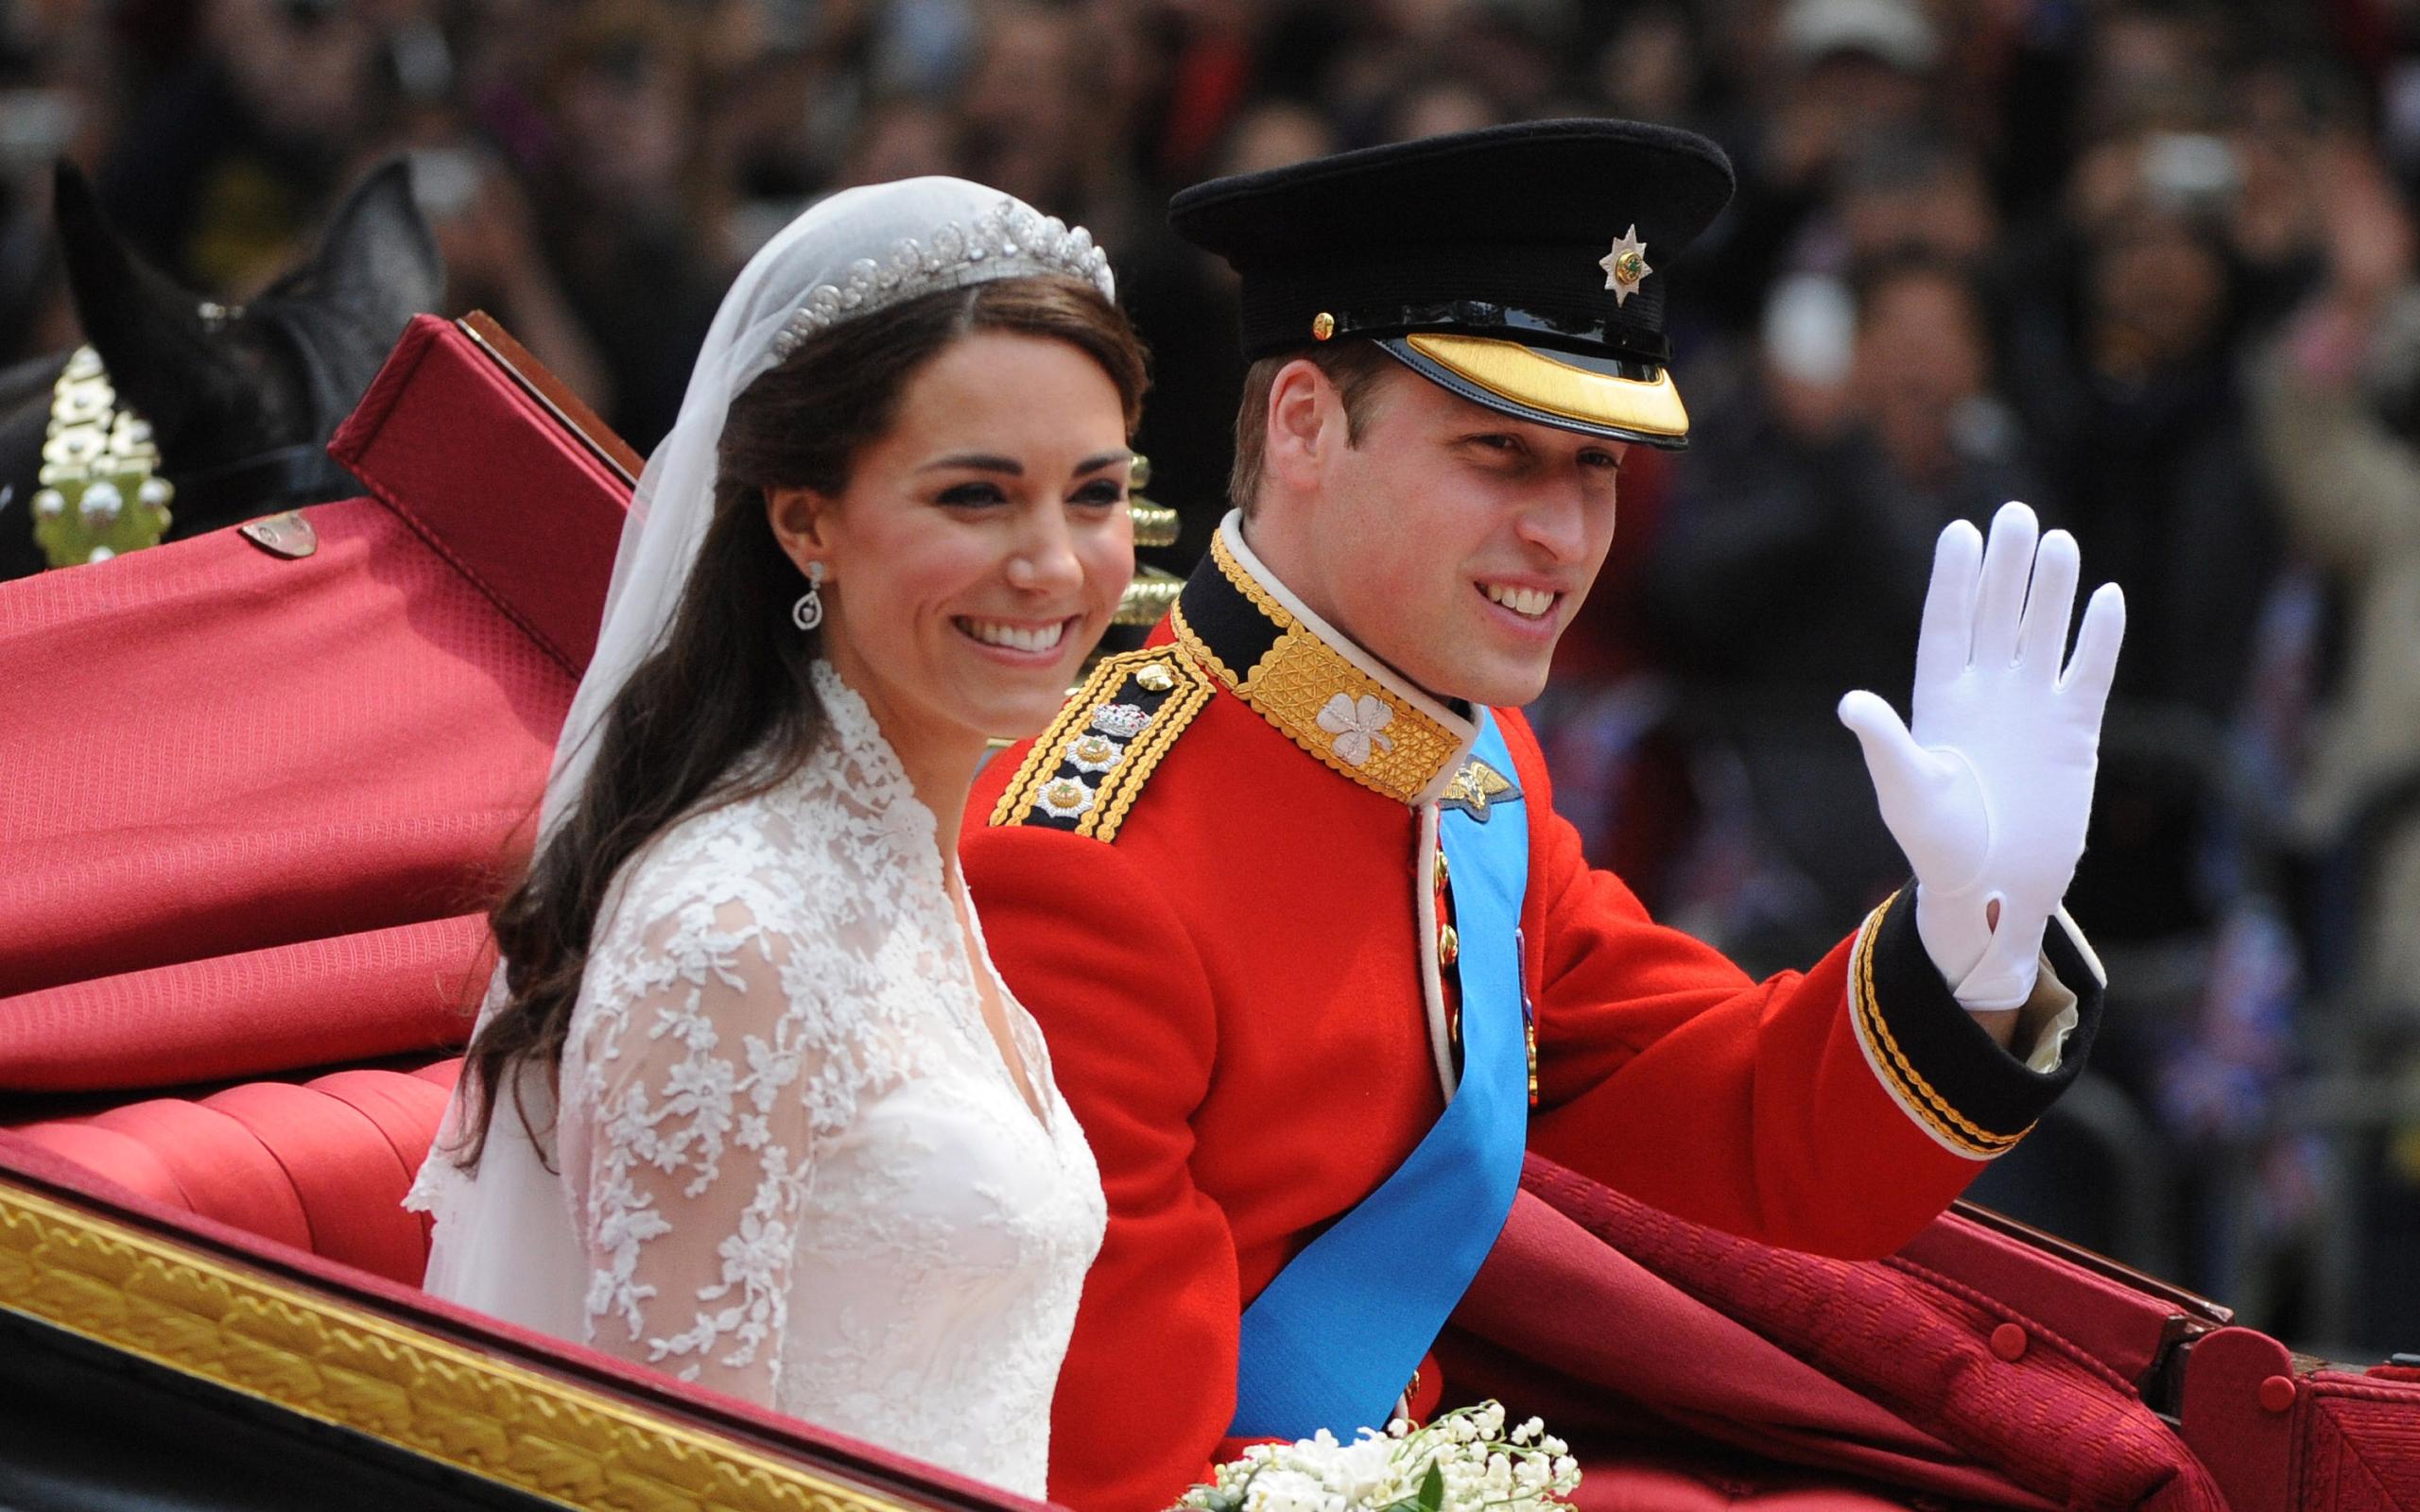 Свадьба Кейт Миддлтон и принца Уильяма обои для рабочего стола, картинки и фото - RabStol.net